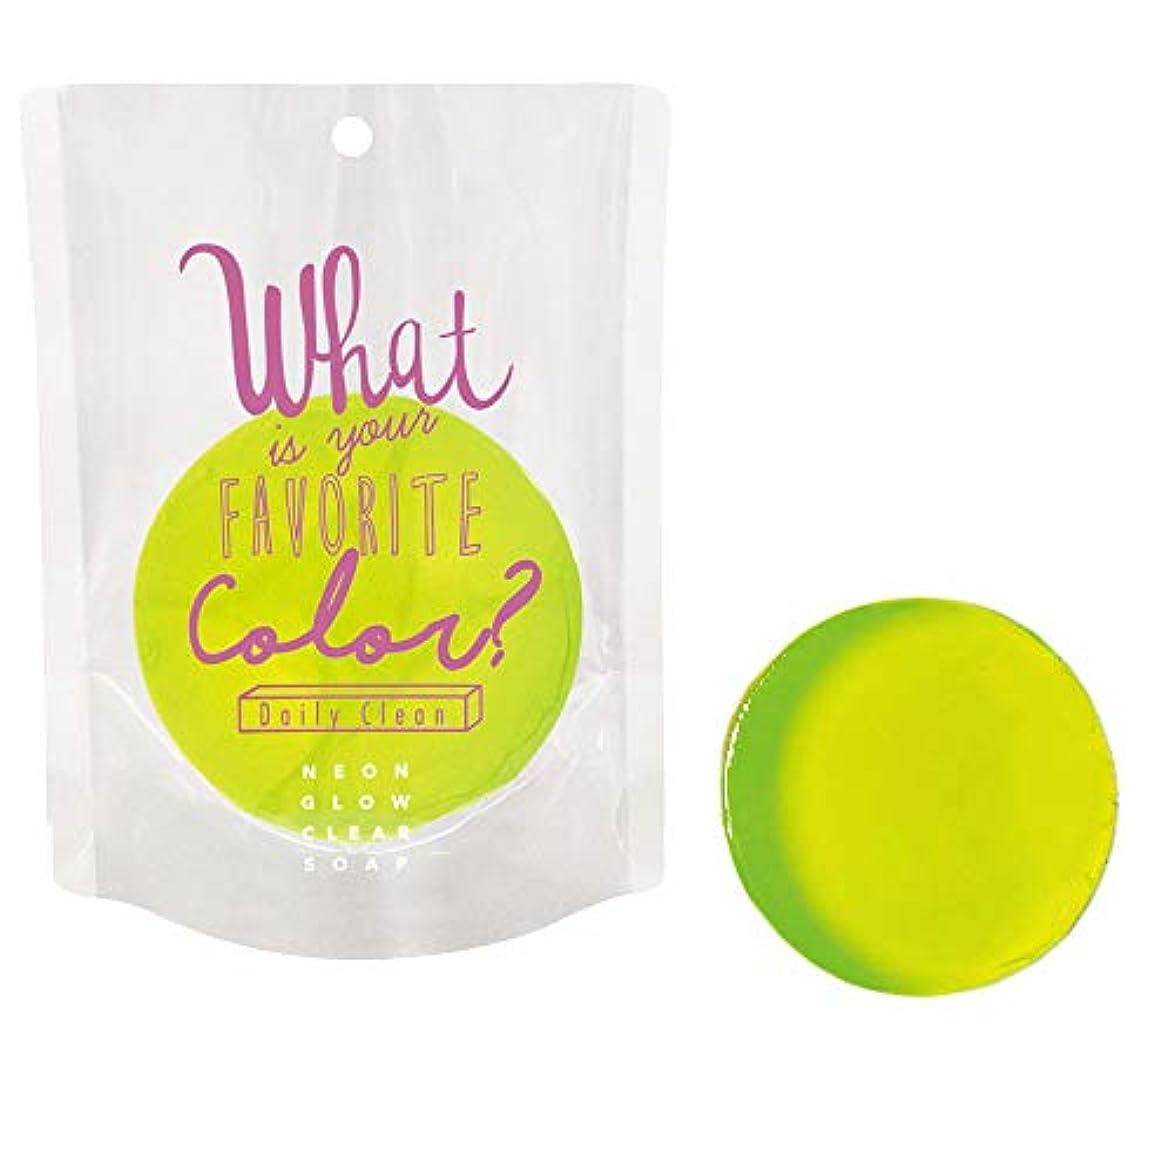 その他とらえどころのないバンドルネオングロークリアソープ ob-ngw-2-1-4(02/パパイヤ) Neon Glow Clear Soap 石鹸 ノルコーポレーション 固形 せっけん カラフル 香り 清潔 ギフト プレゼント